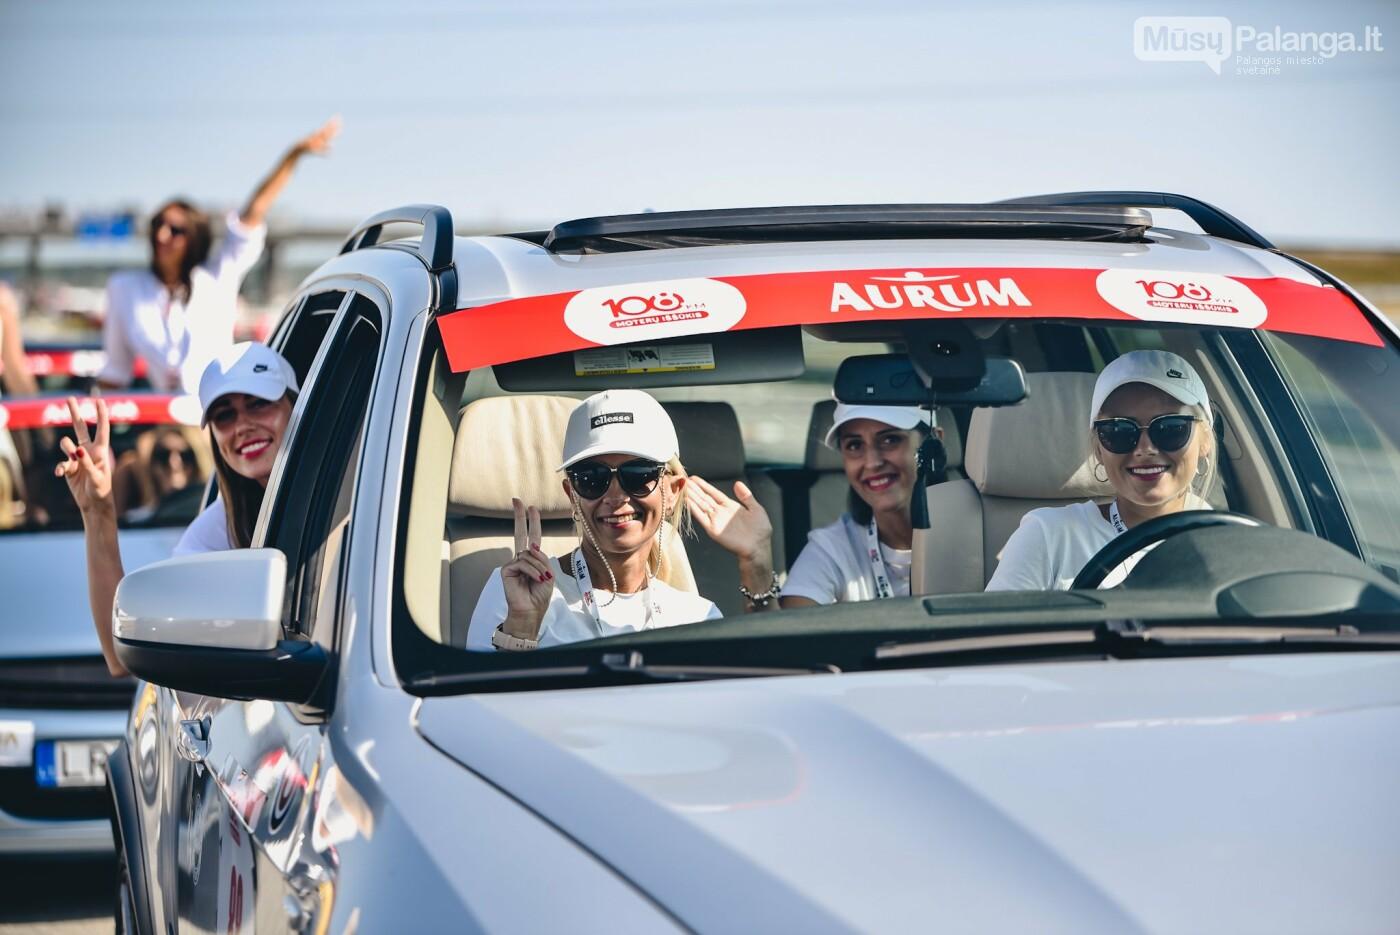 Žiūrovus žavėjo kilometrinė moterų iššūkio dalyvių kolona, nuotrauka-15, Vytauto PILKAUSKO ir Arno STRUMILOS nuotraukos